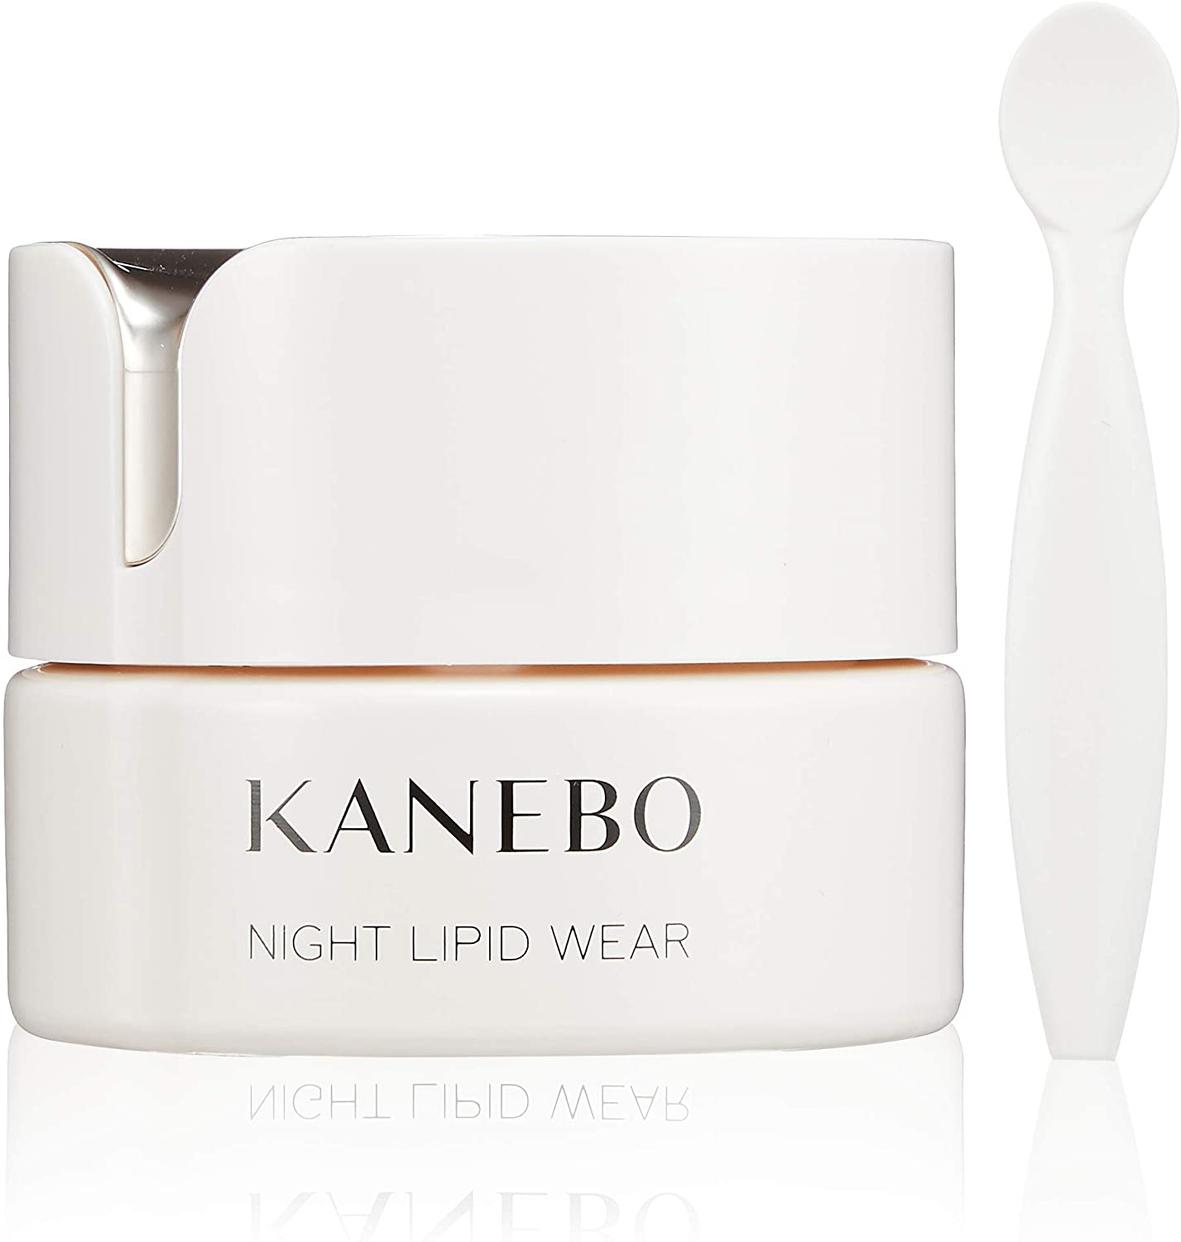 KANEBO(カネボウ) ナイト リピッド ウェアの商品画像